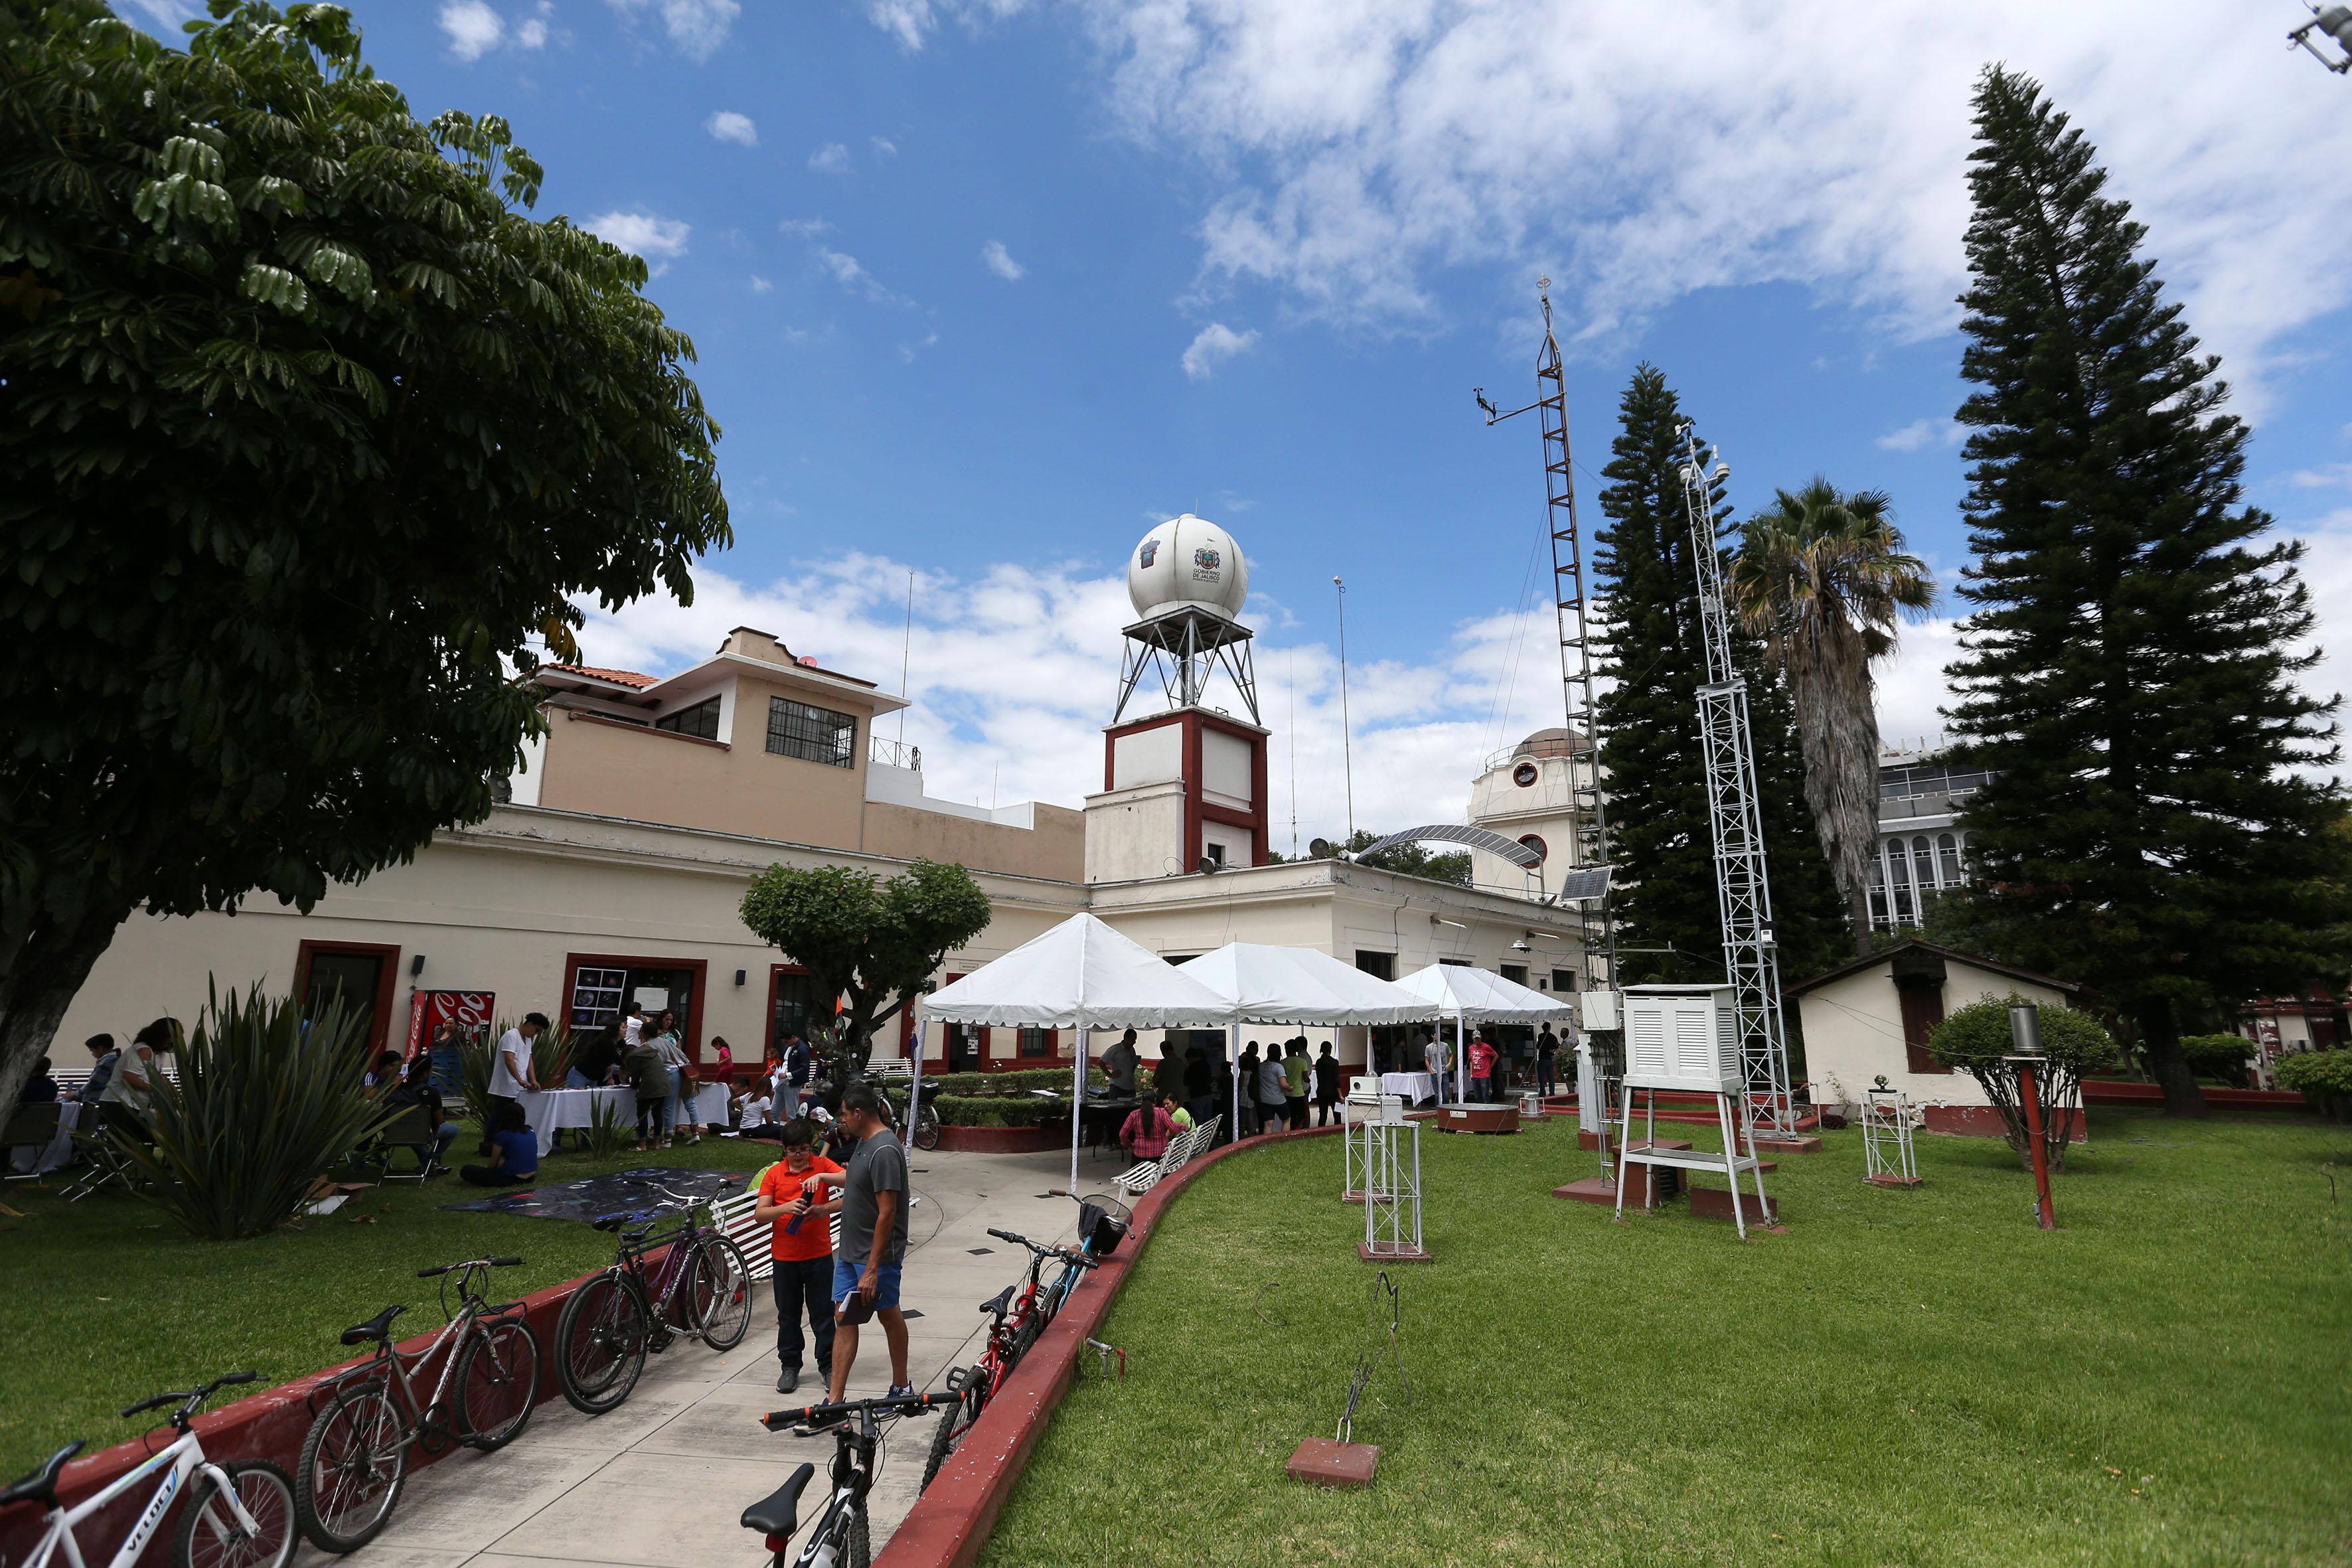 Exteriores y jardines del Instituto de Astronomía y Metereología (IAM) de la Universidad de Guadalajara, en donde se realizan talleres y diversas actividades durante la semana mundial del espacio y asisten niños, jóvenes y padres de familia al evento.